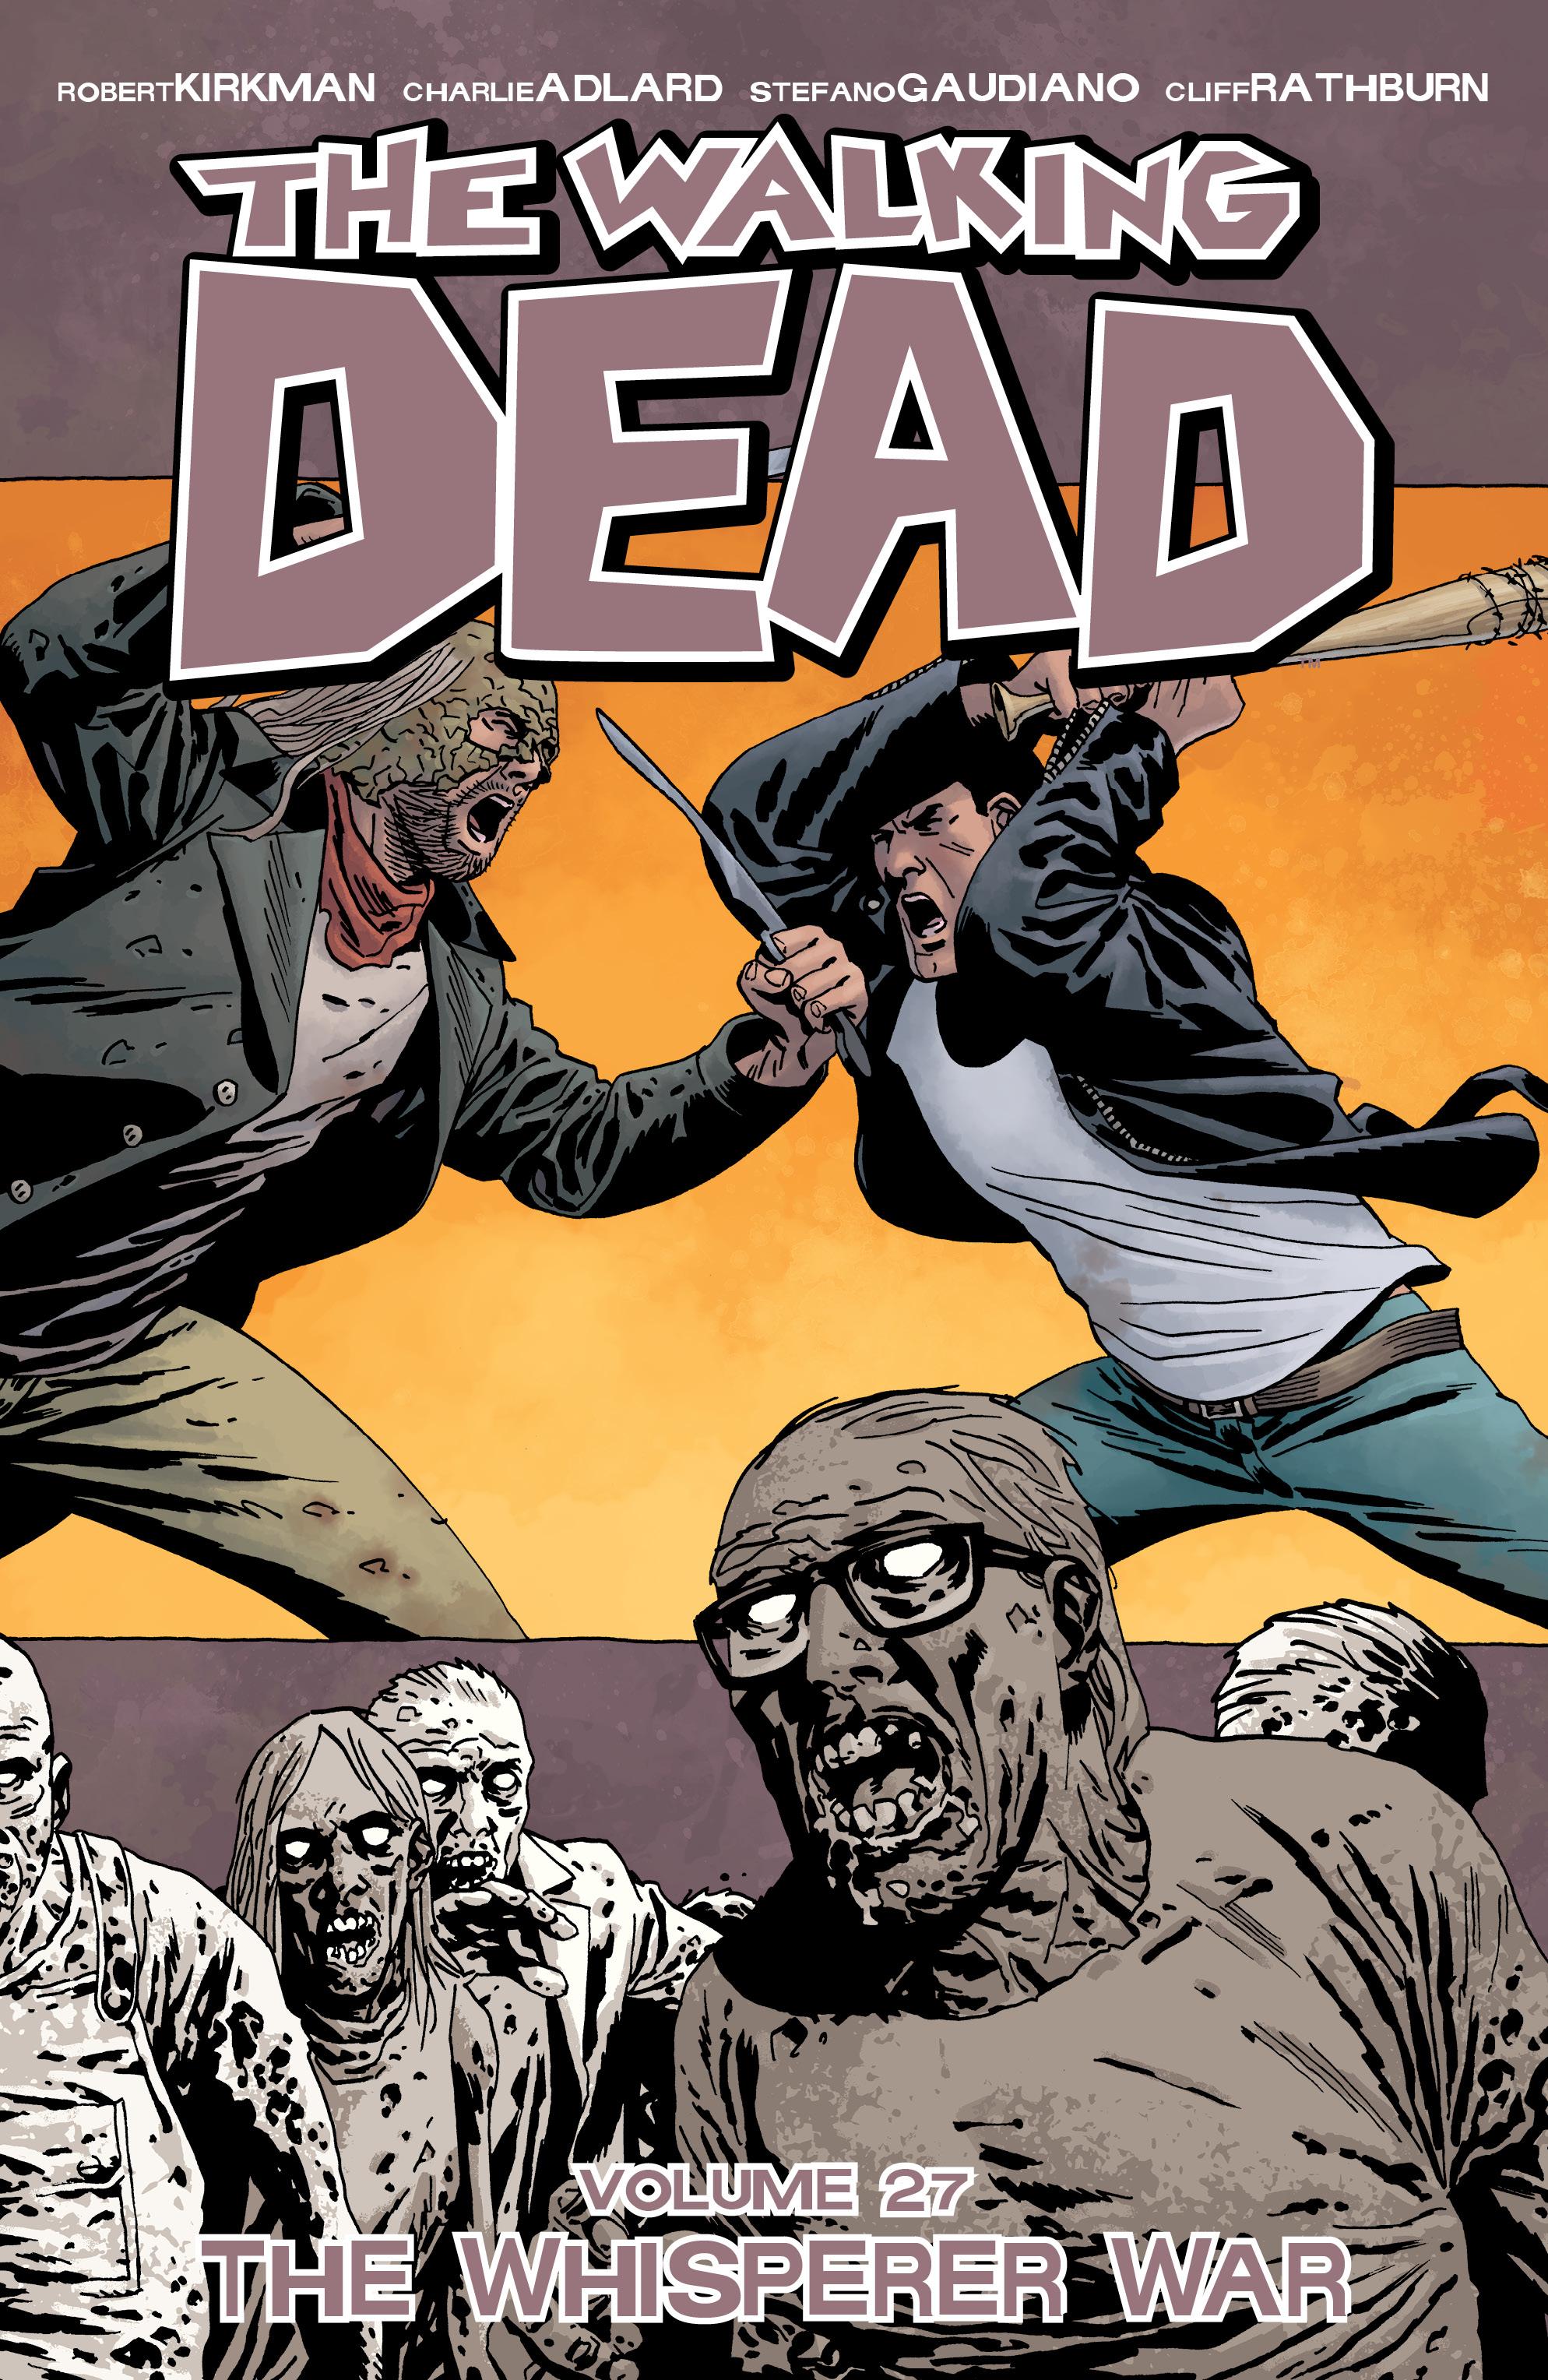 The Walking Dead Volume 27 - The Whisperer War